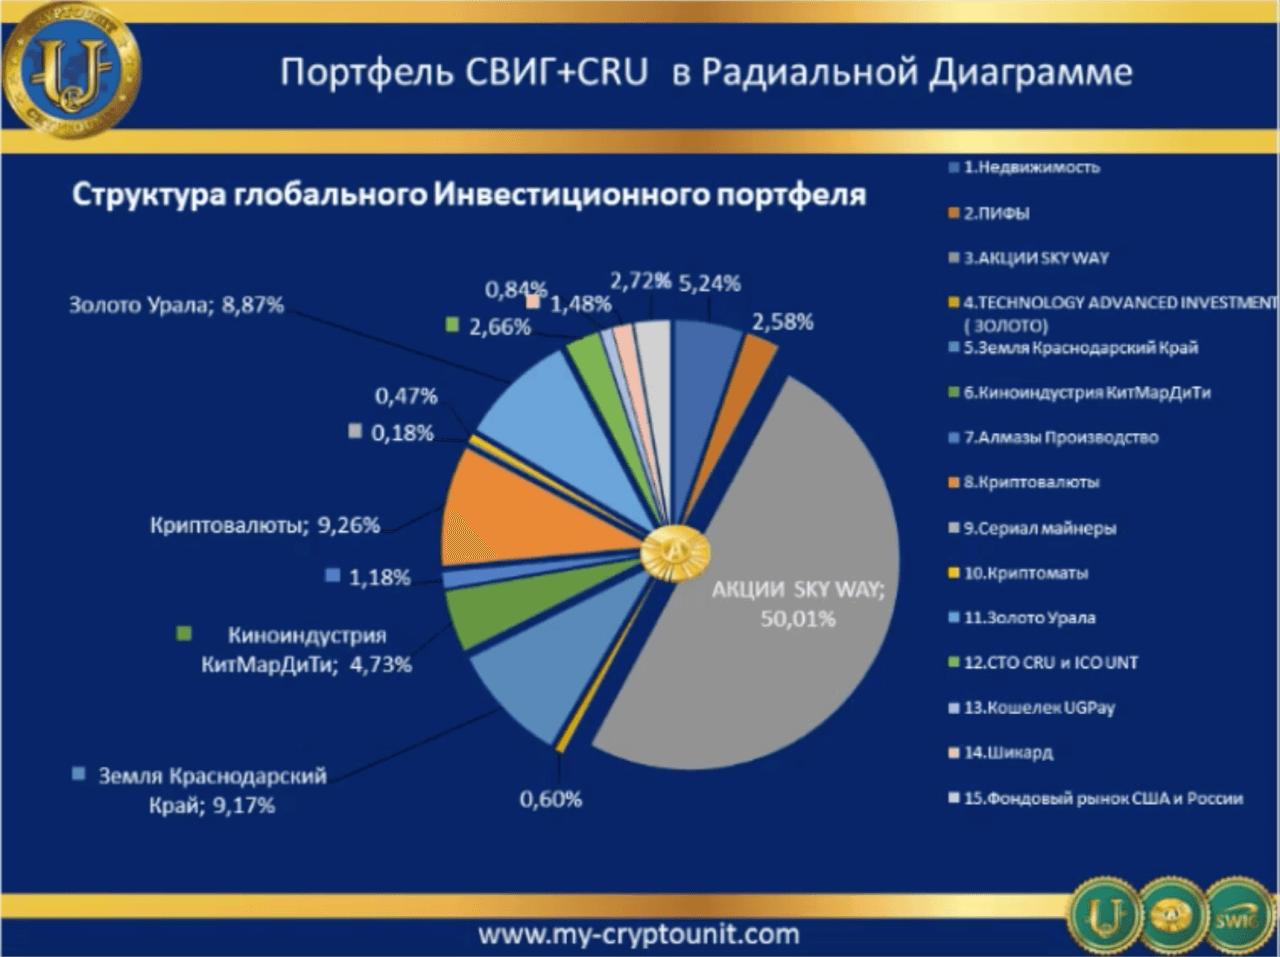 SWIG Криптоюнит - состав инвестпортфеля